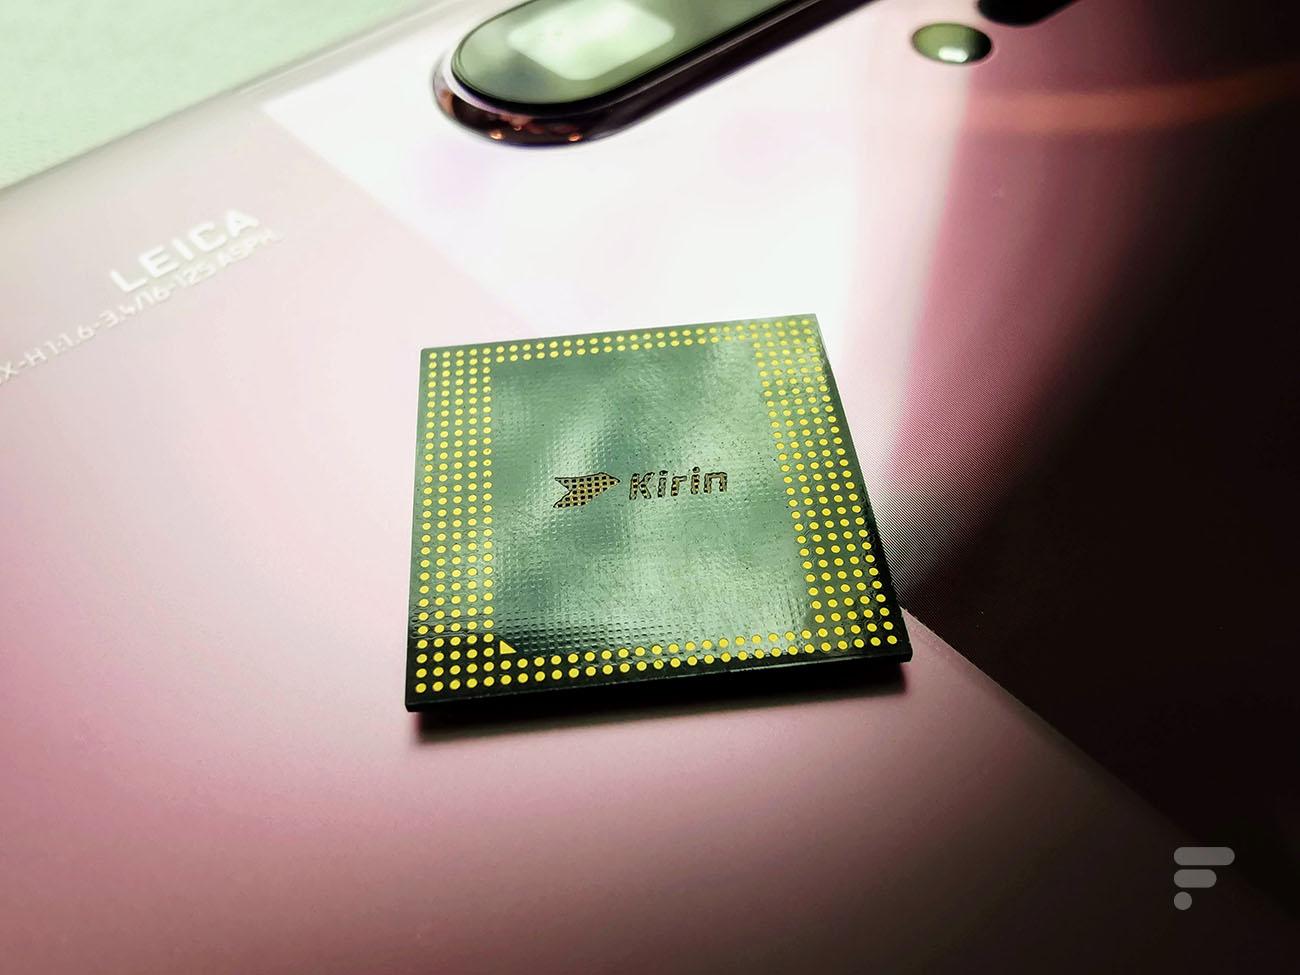 MediaTek dément fournir ses puces à Huawei pour contourner l'embargo américain